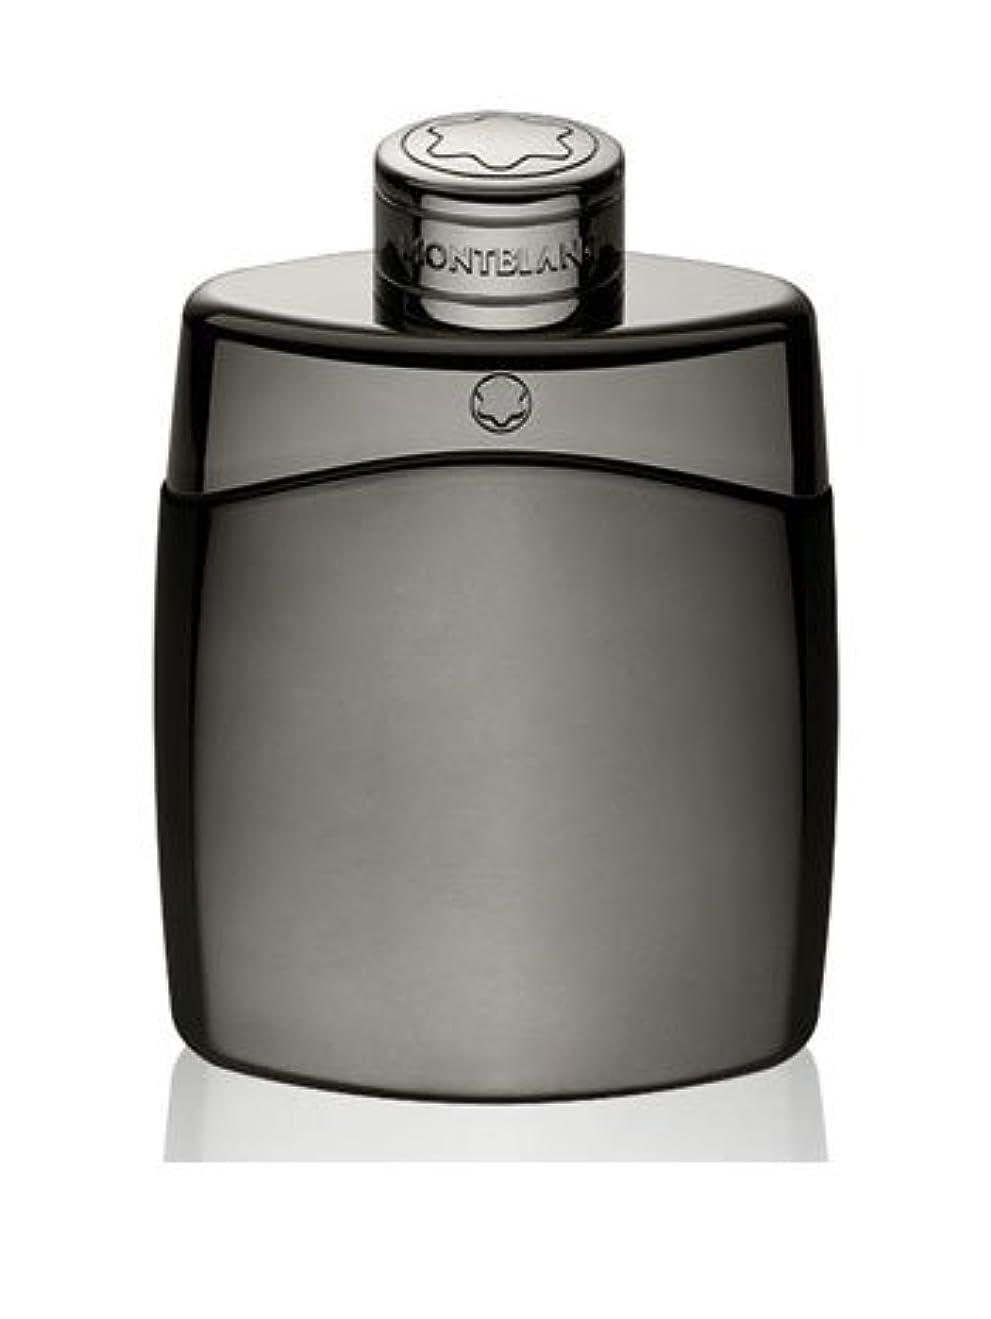 十億アニメーションファンMont Blanc Legend Intense (モンブラン レジェンド インテンス) 3.3 oz (100ml) EDT Spray for Men